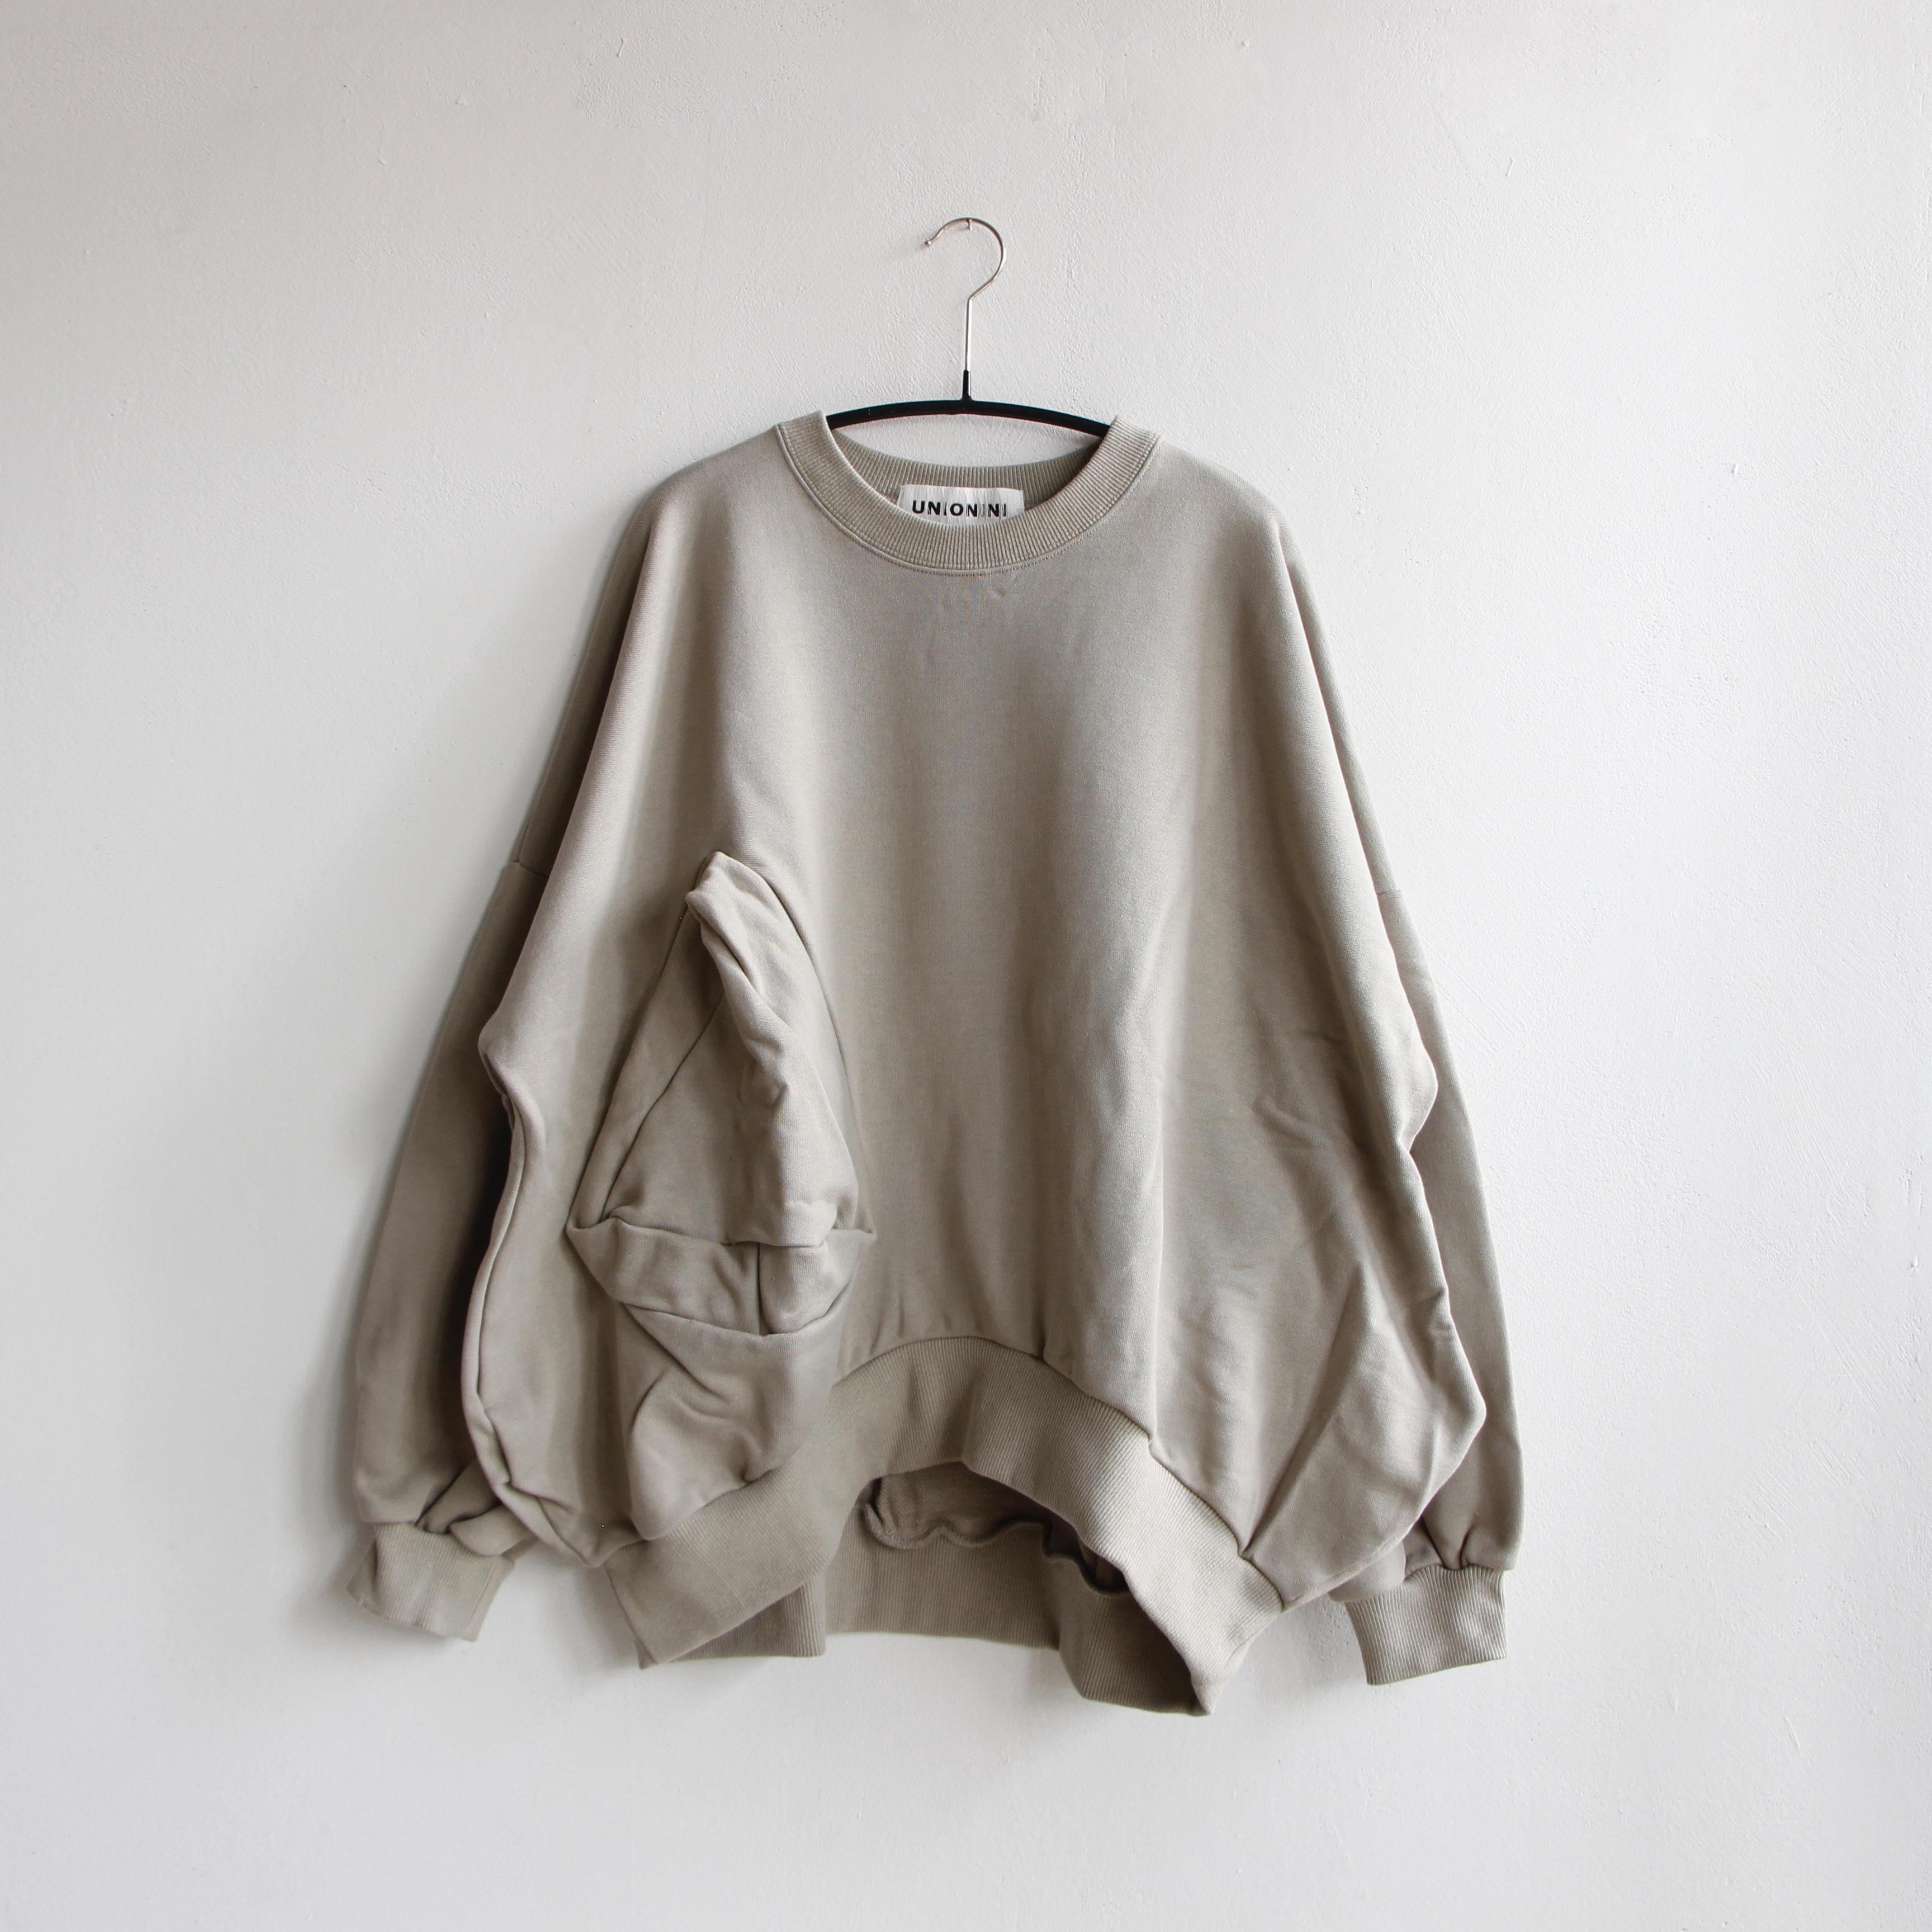 《UNIONINI 2020AW》◯△ sweat shirt / smokey green / S・M